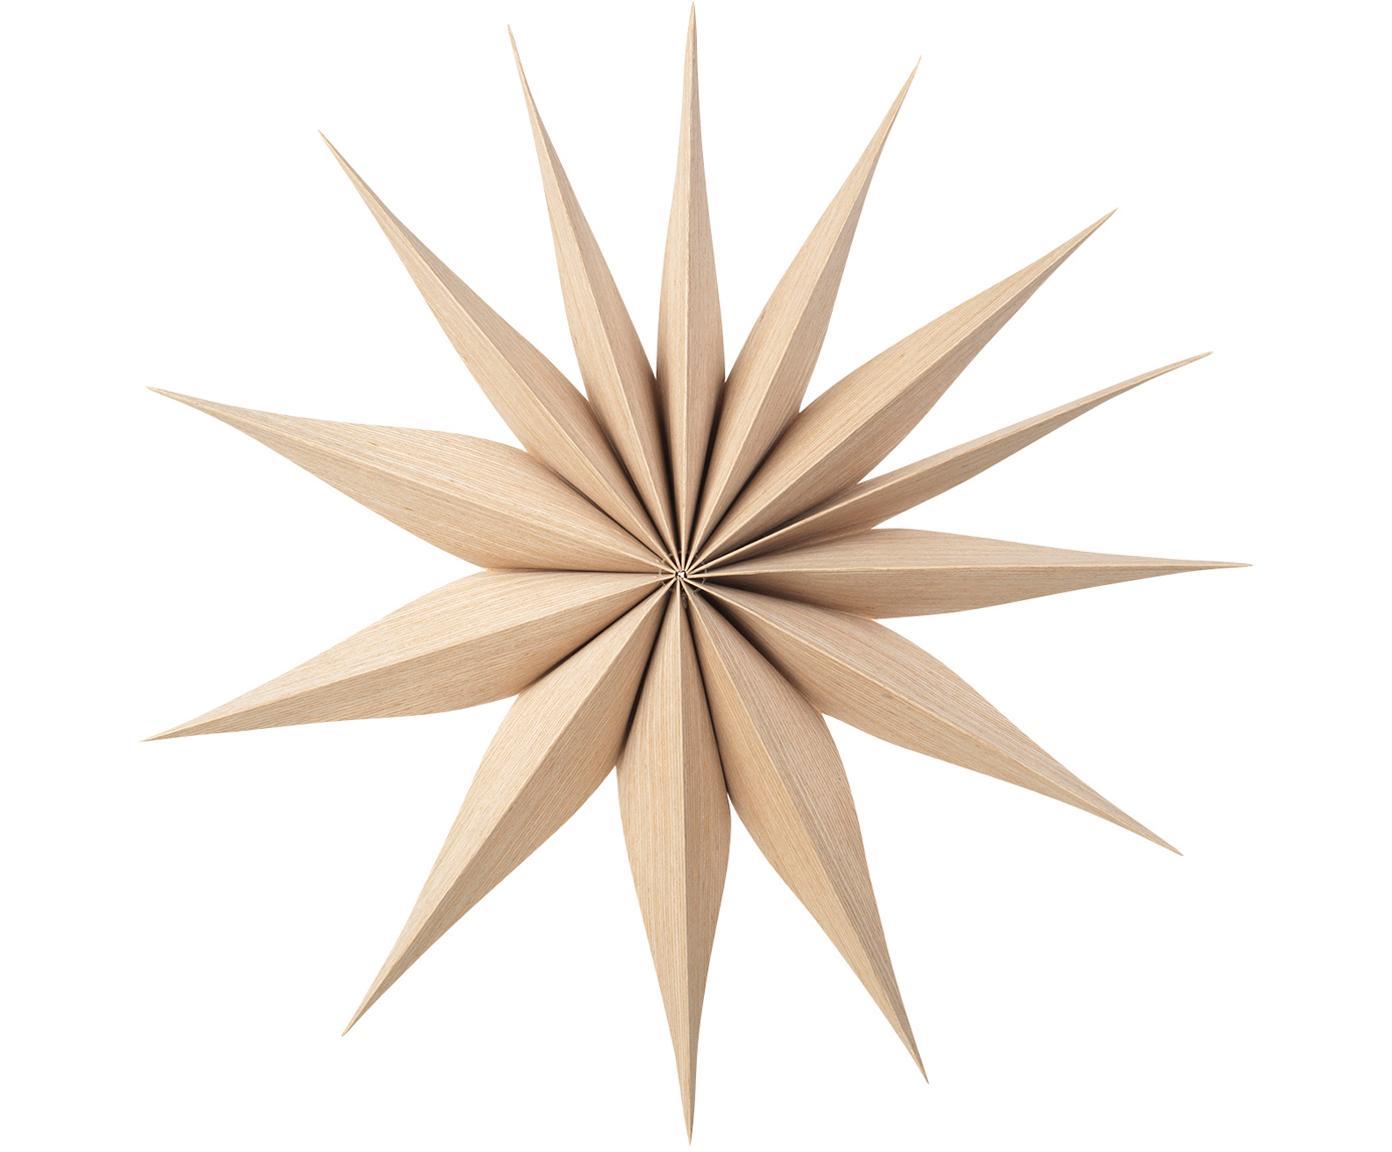 Gwiazda dekoracyjna Venok, 2 szt., Cienkie drewno naturalne, Jasny brązowy, Ø 40 cm